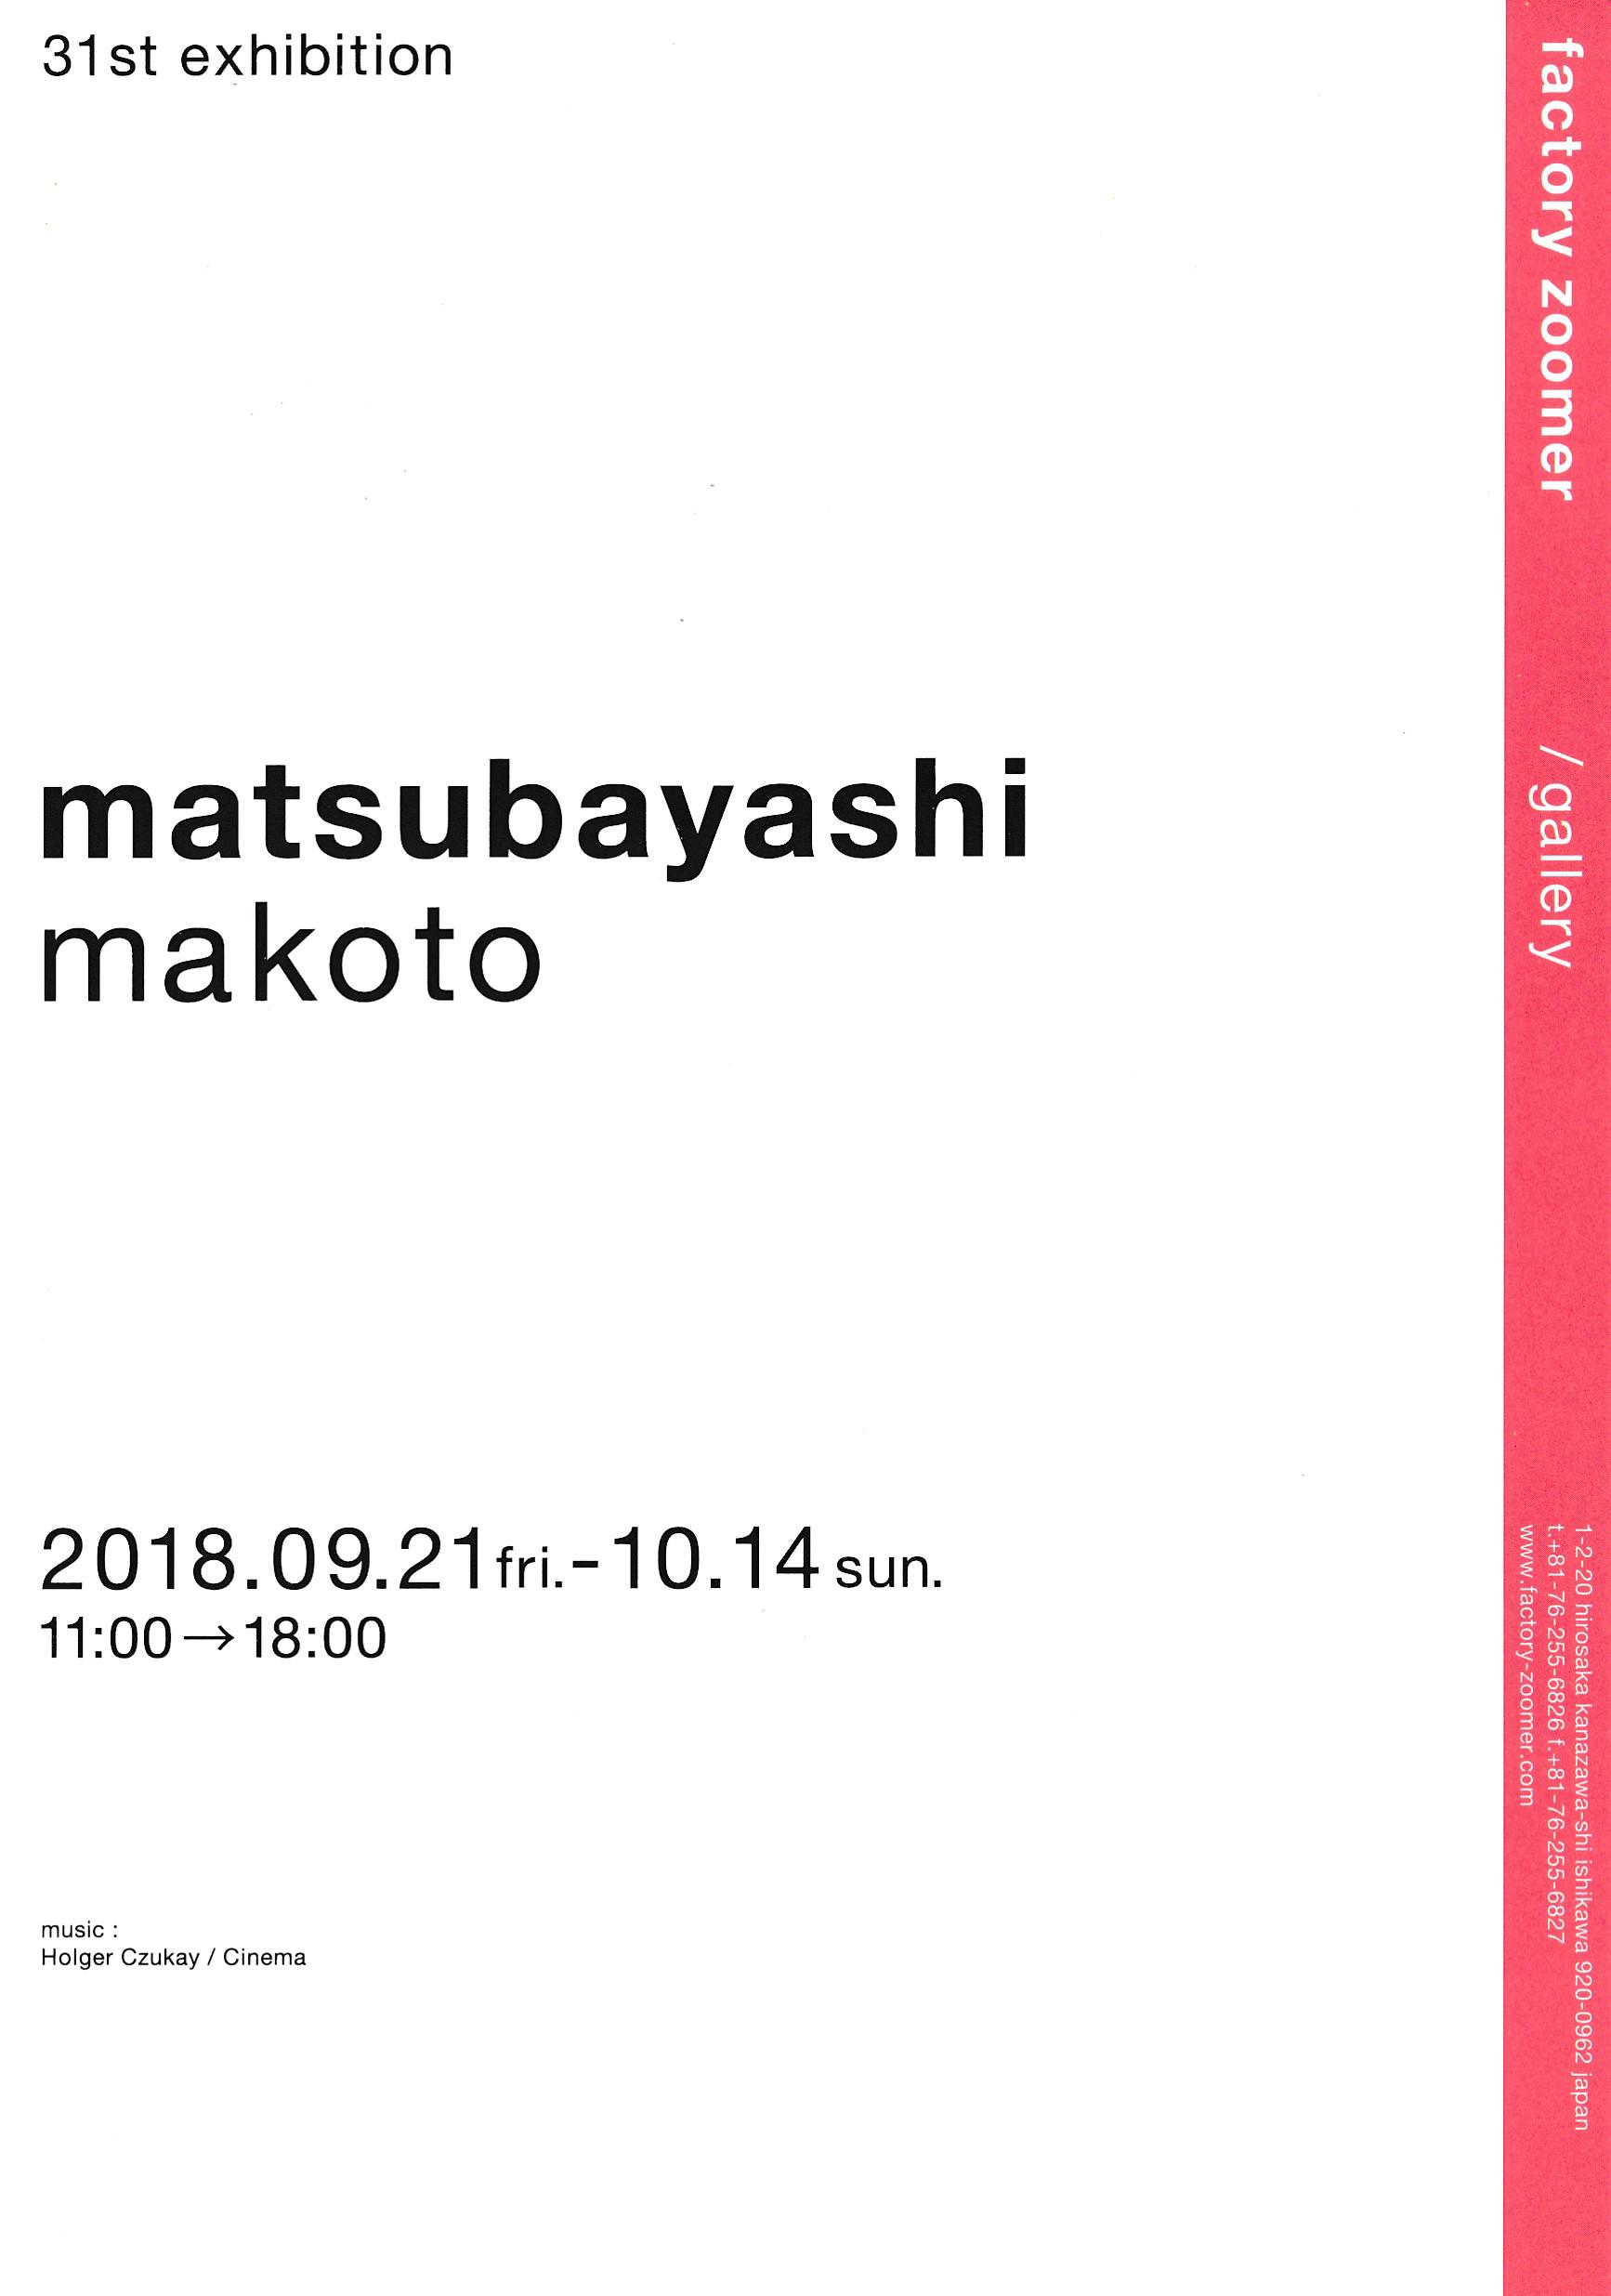 金沢で個展